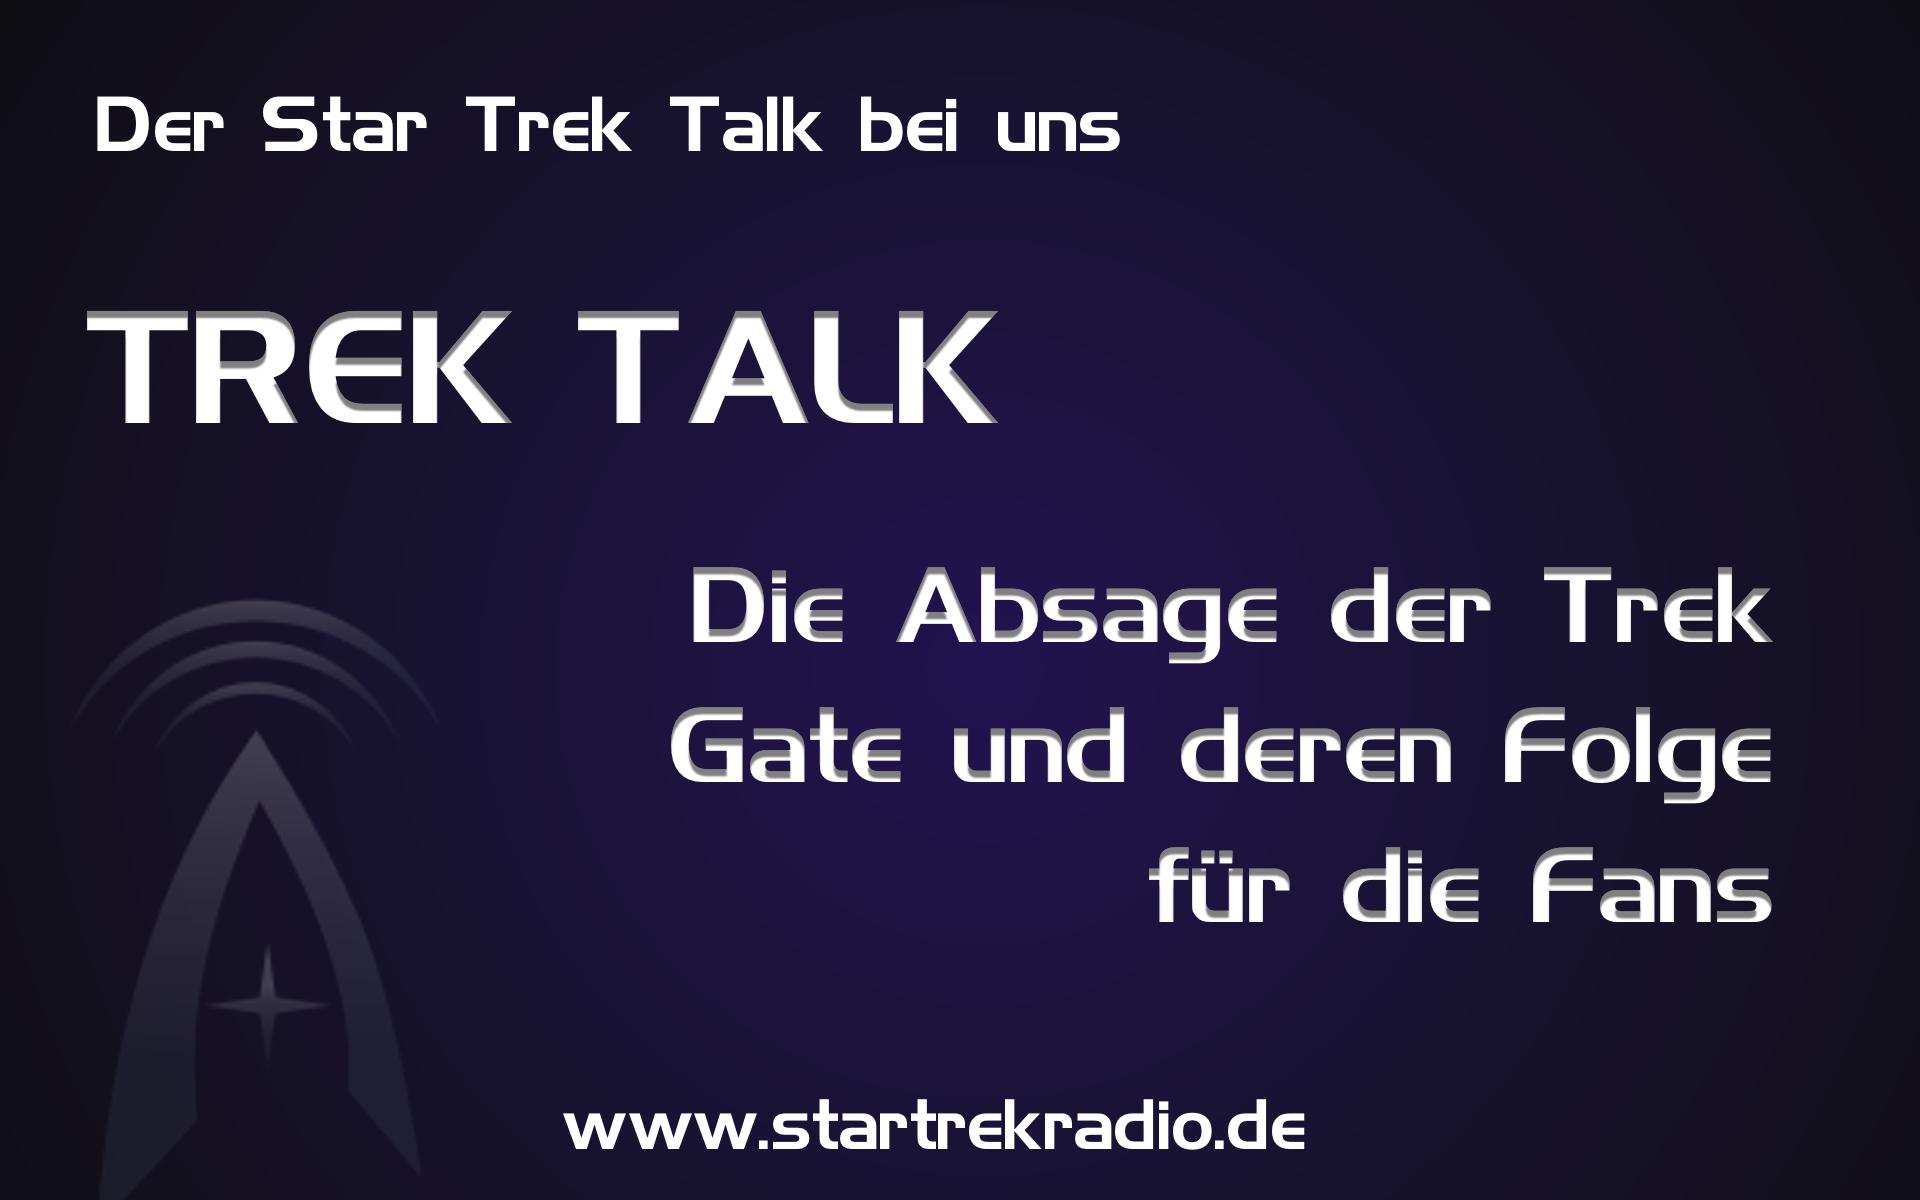 Trek Talk 2 – Die Absage der TrekGate 2014 und deren Folgen für die Fans